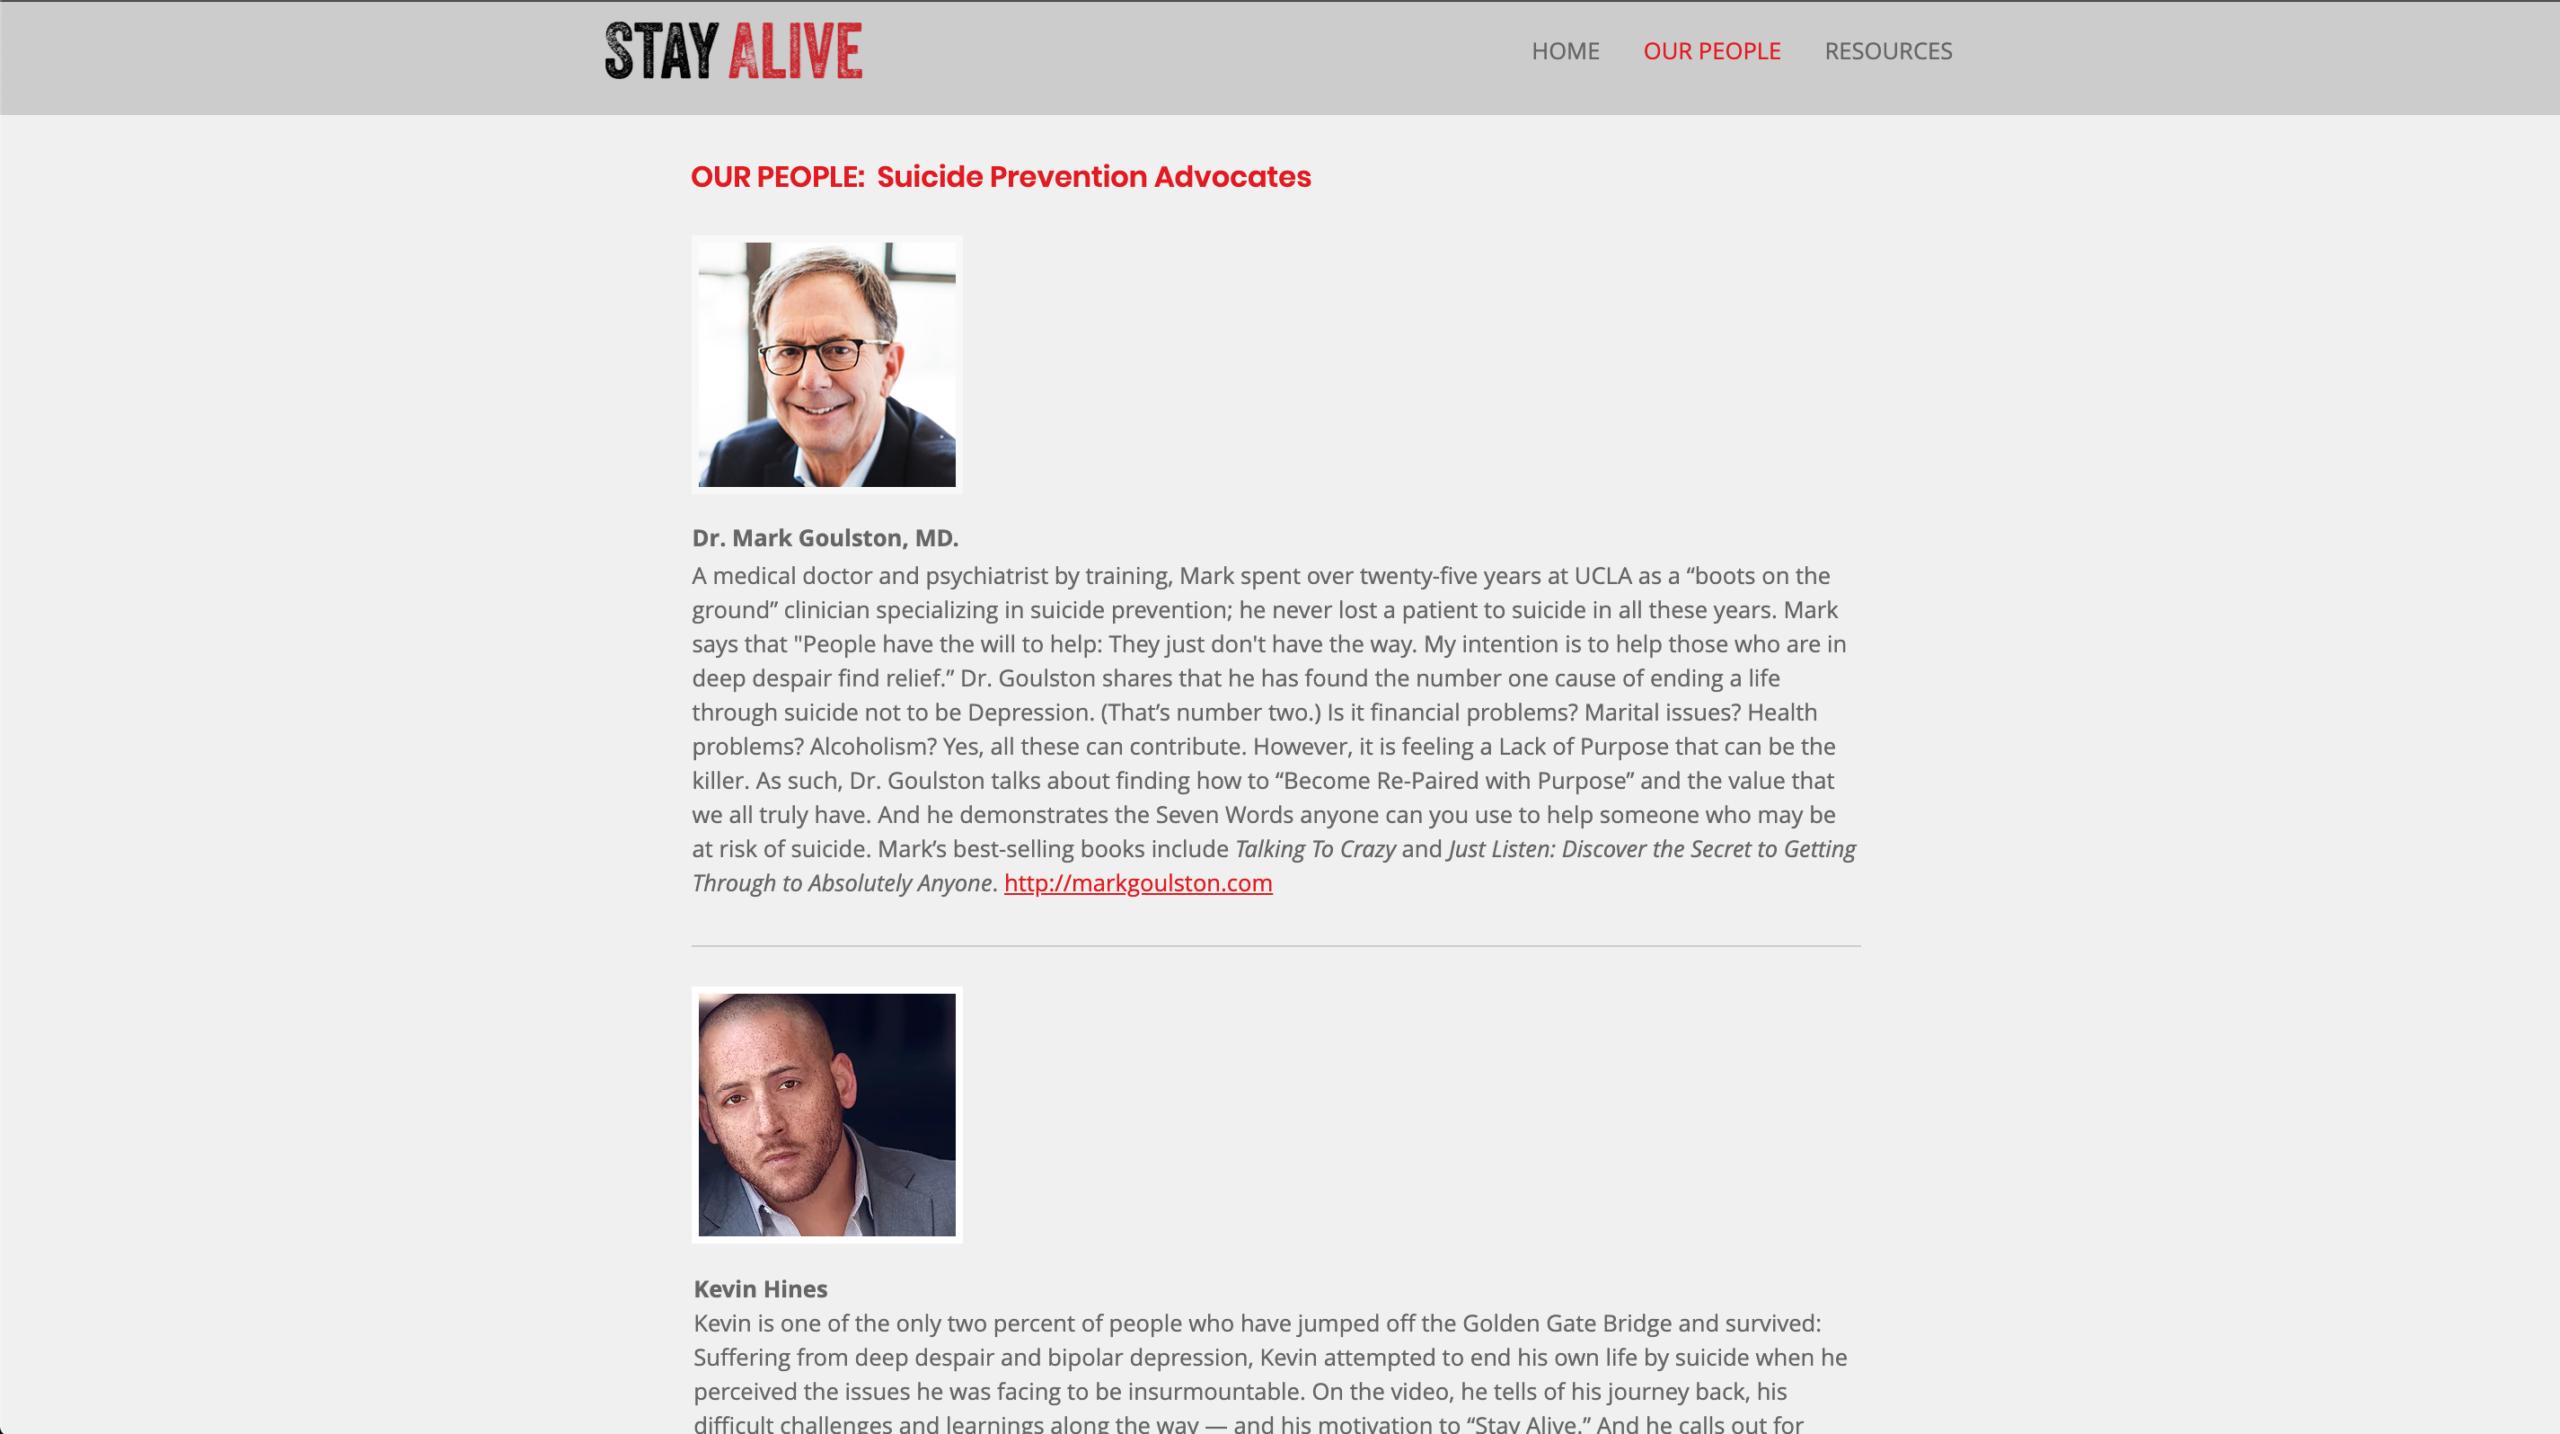 stay alive website design work